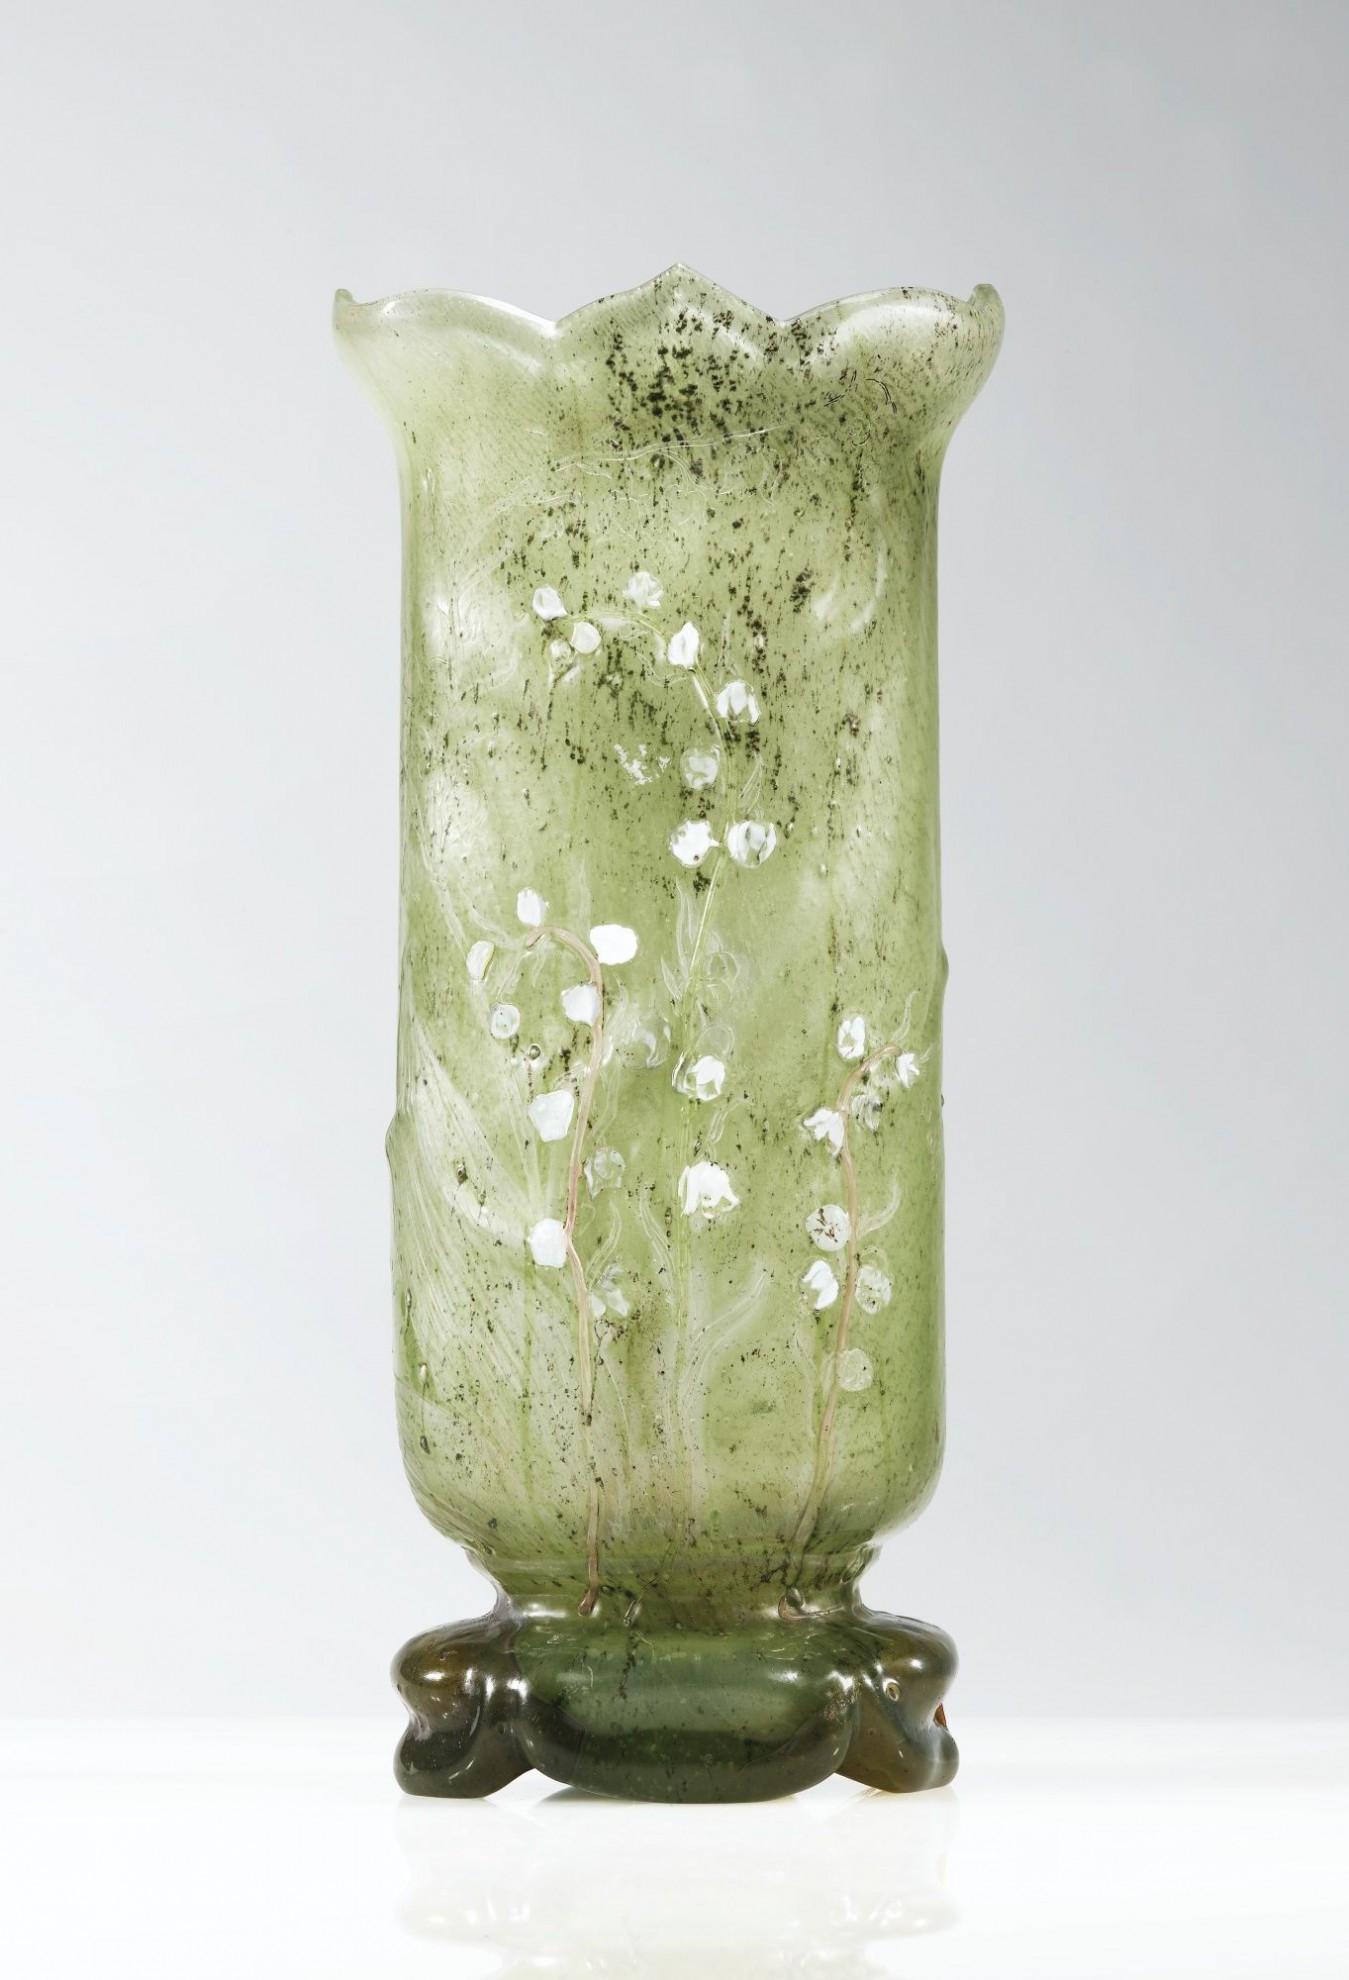 galle cameo glass vase of lesmeubles vase en verre lesmeubles pertaining to image de lesmeubles emile galla a marqueterie sur verre wheel carved glass vase circa